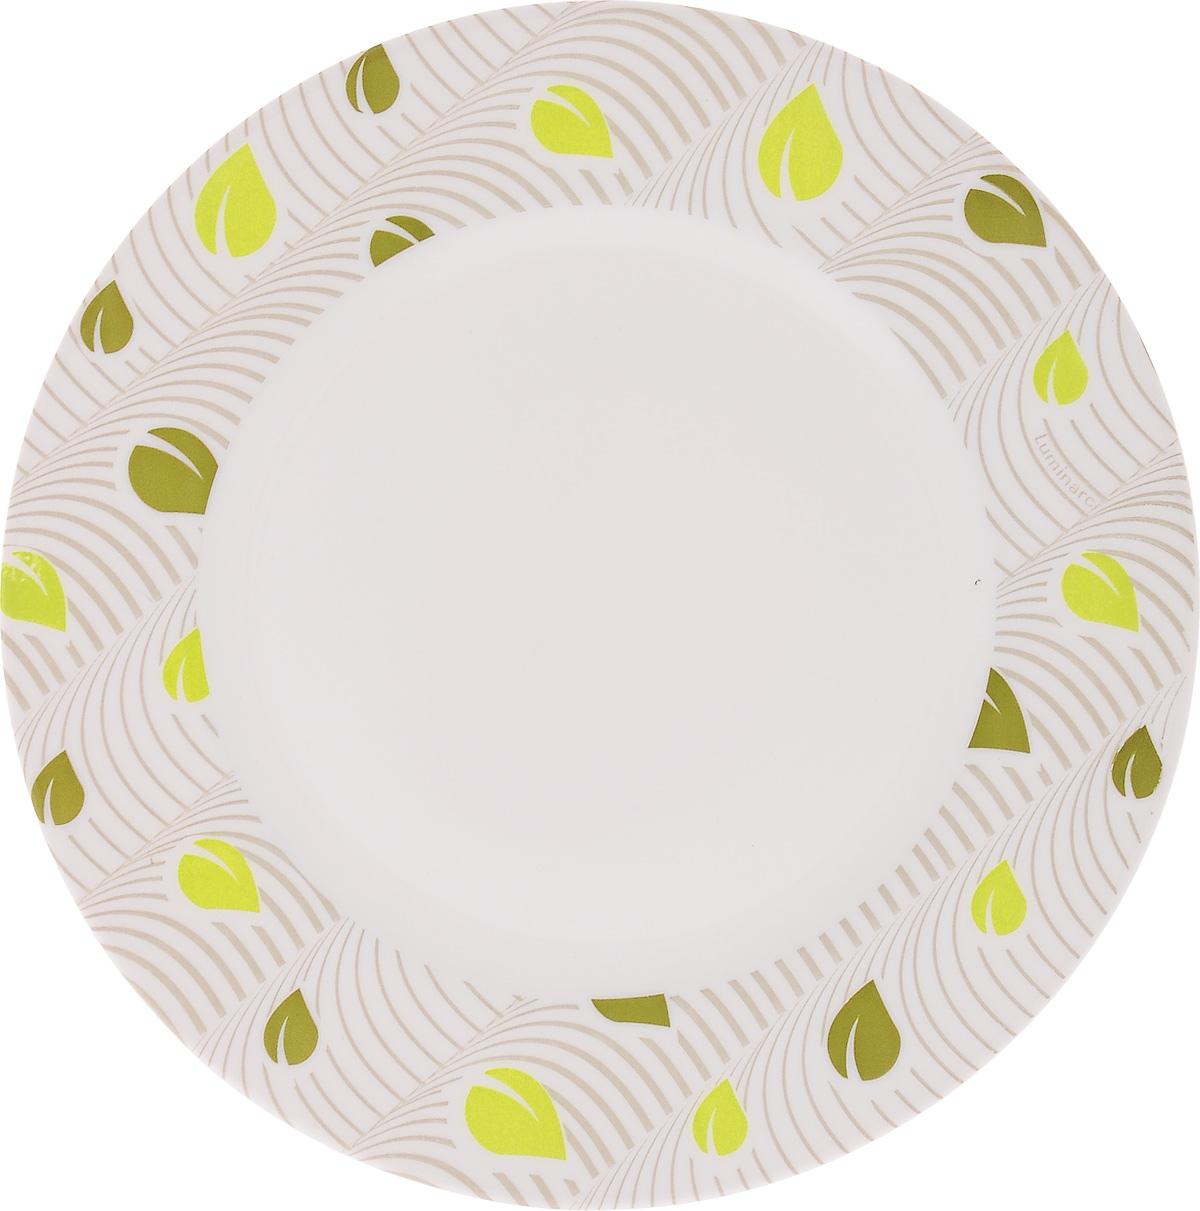 Тарелка десертная Luminarc Amely, 19 смJ2145Десертная тарелка Luminarc Amely, изготовленная из ударопрочного стекла, имеет изысканный внешний вид. Такая тарелка прекрасно подходит как для торжественных случаев, так и для повседневного использования. Идеальна для подачи десертов, пирожных, тортов и многого другого. Она прекрасно оформит стол и станет отличным дополнением к вашей коллекции кухонной посуды. Диаметр тарелки (по верхнему краю): 19 см.